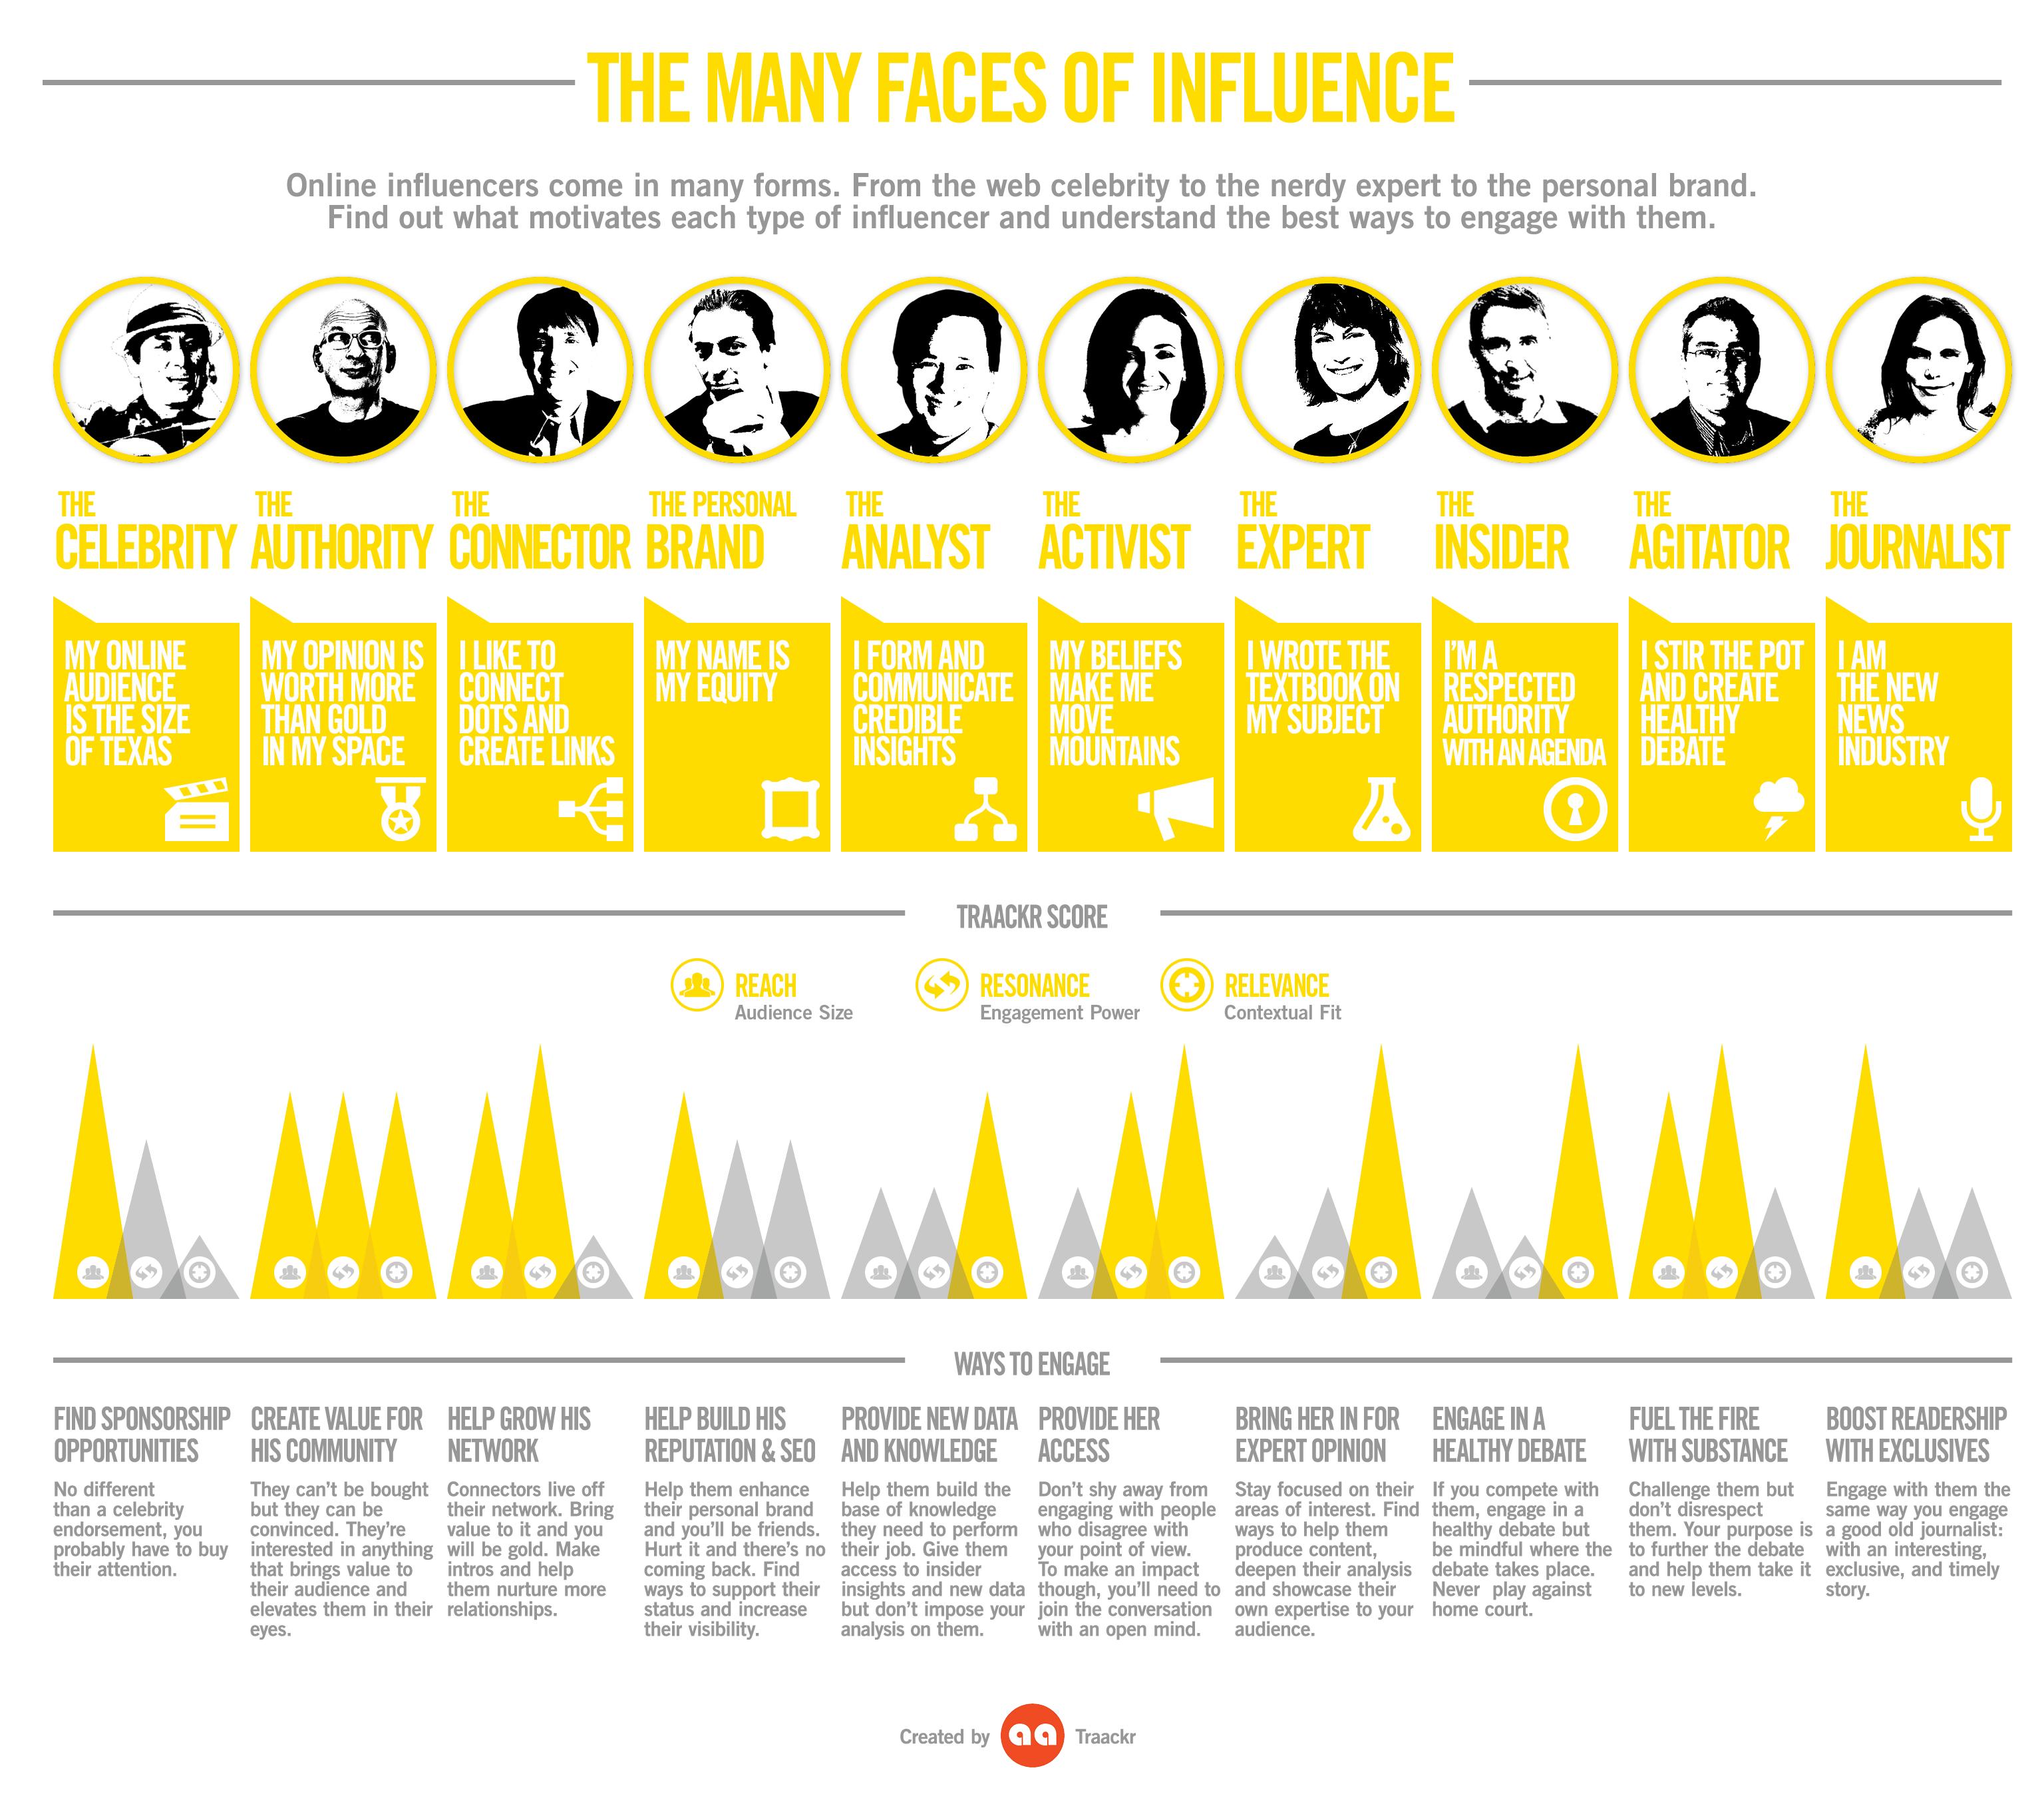 L'influence et ses multiples visages